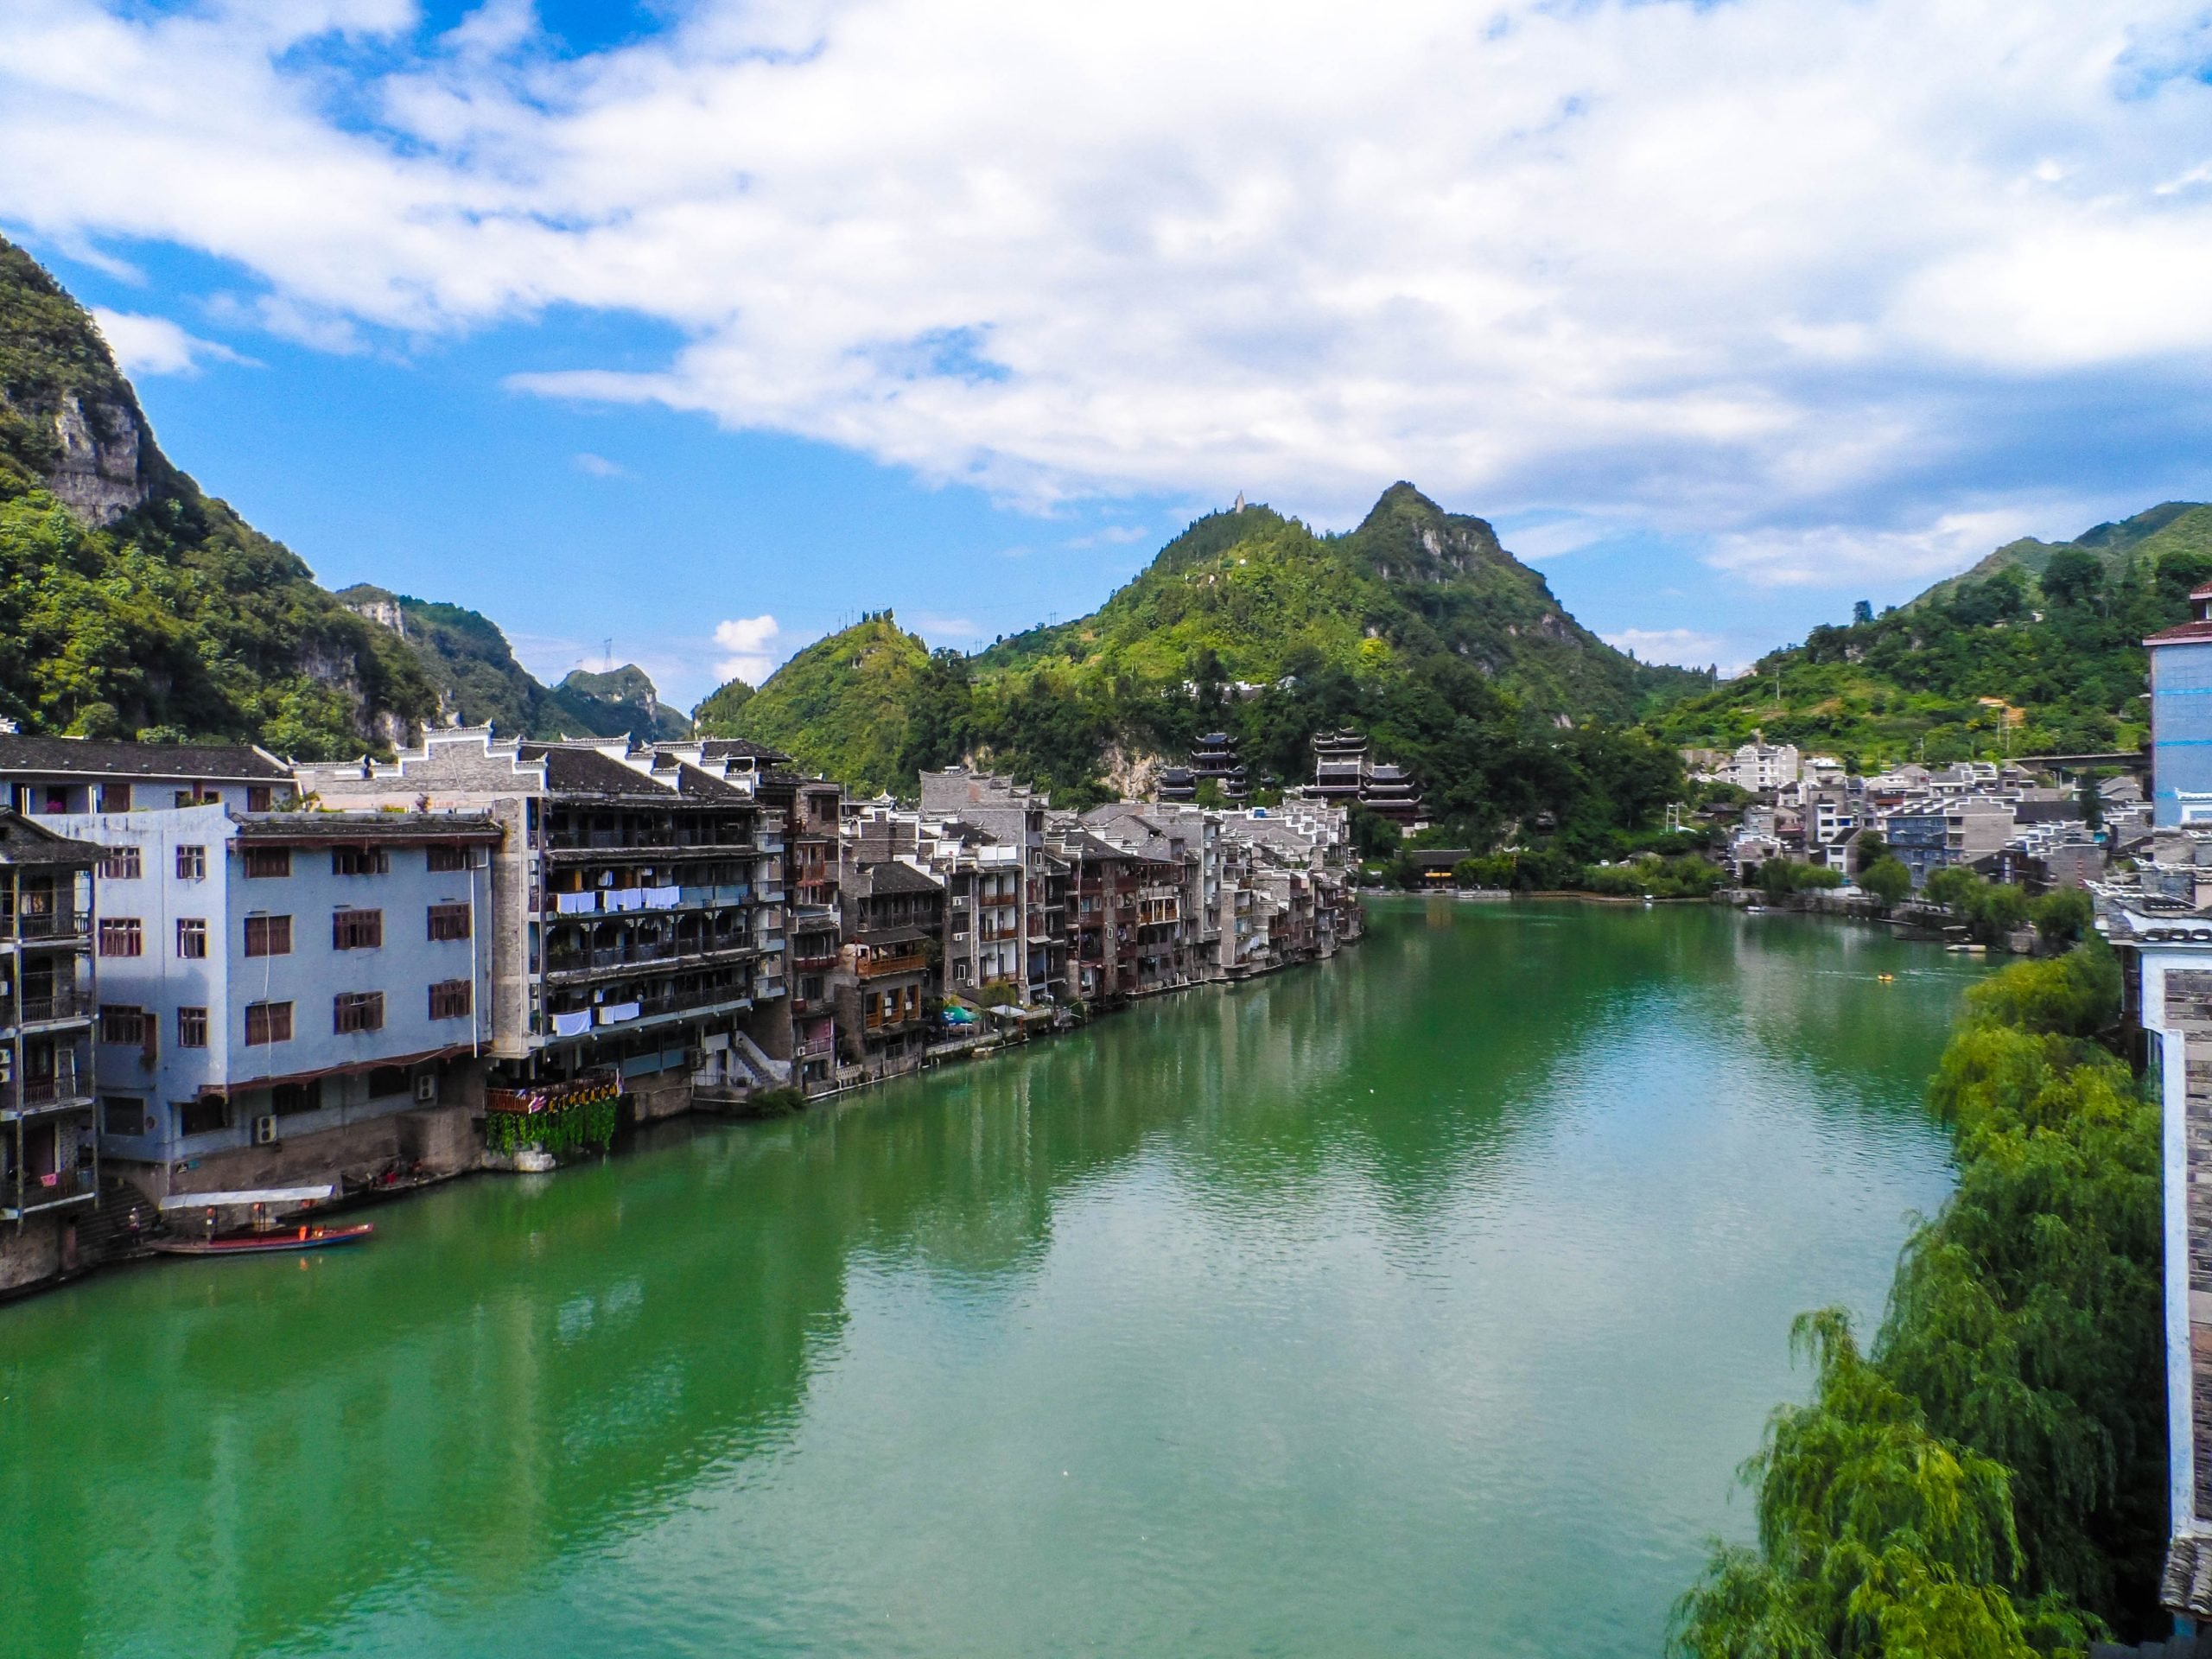 Zhenyuan riverside